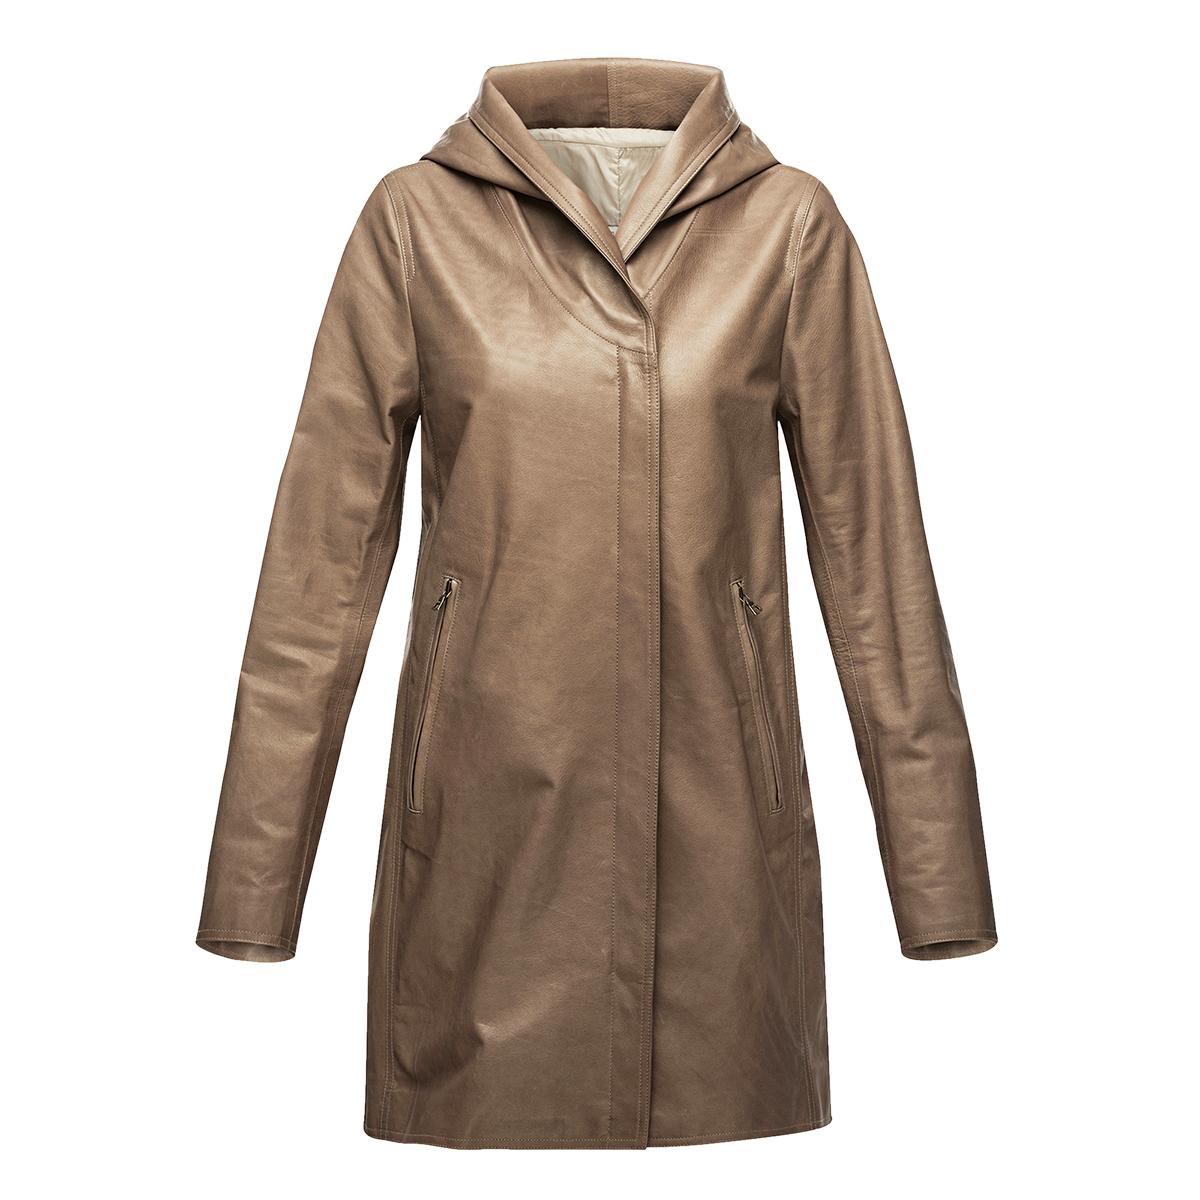 M0851 4710 raincoat